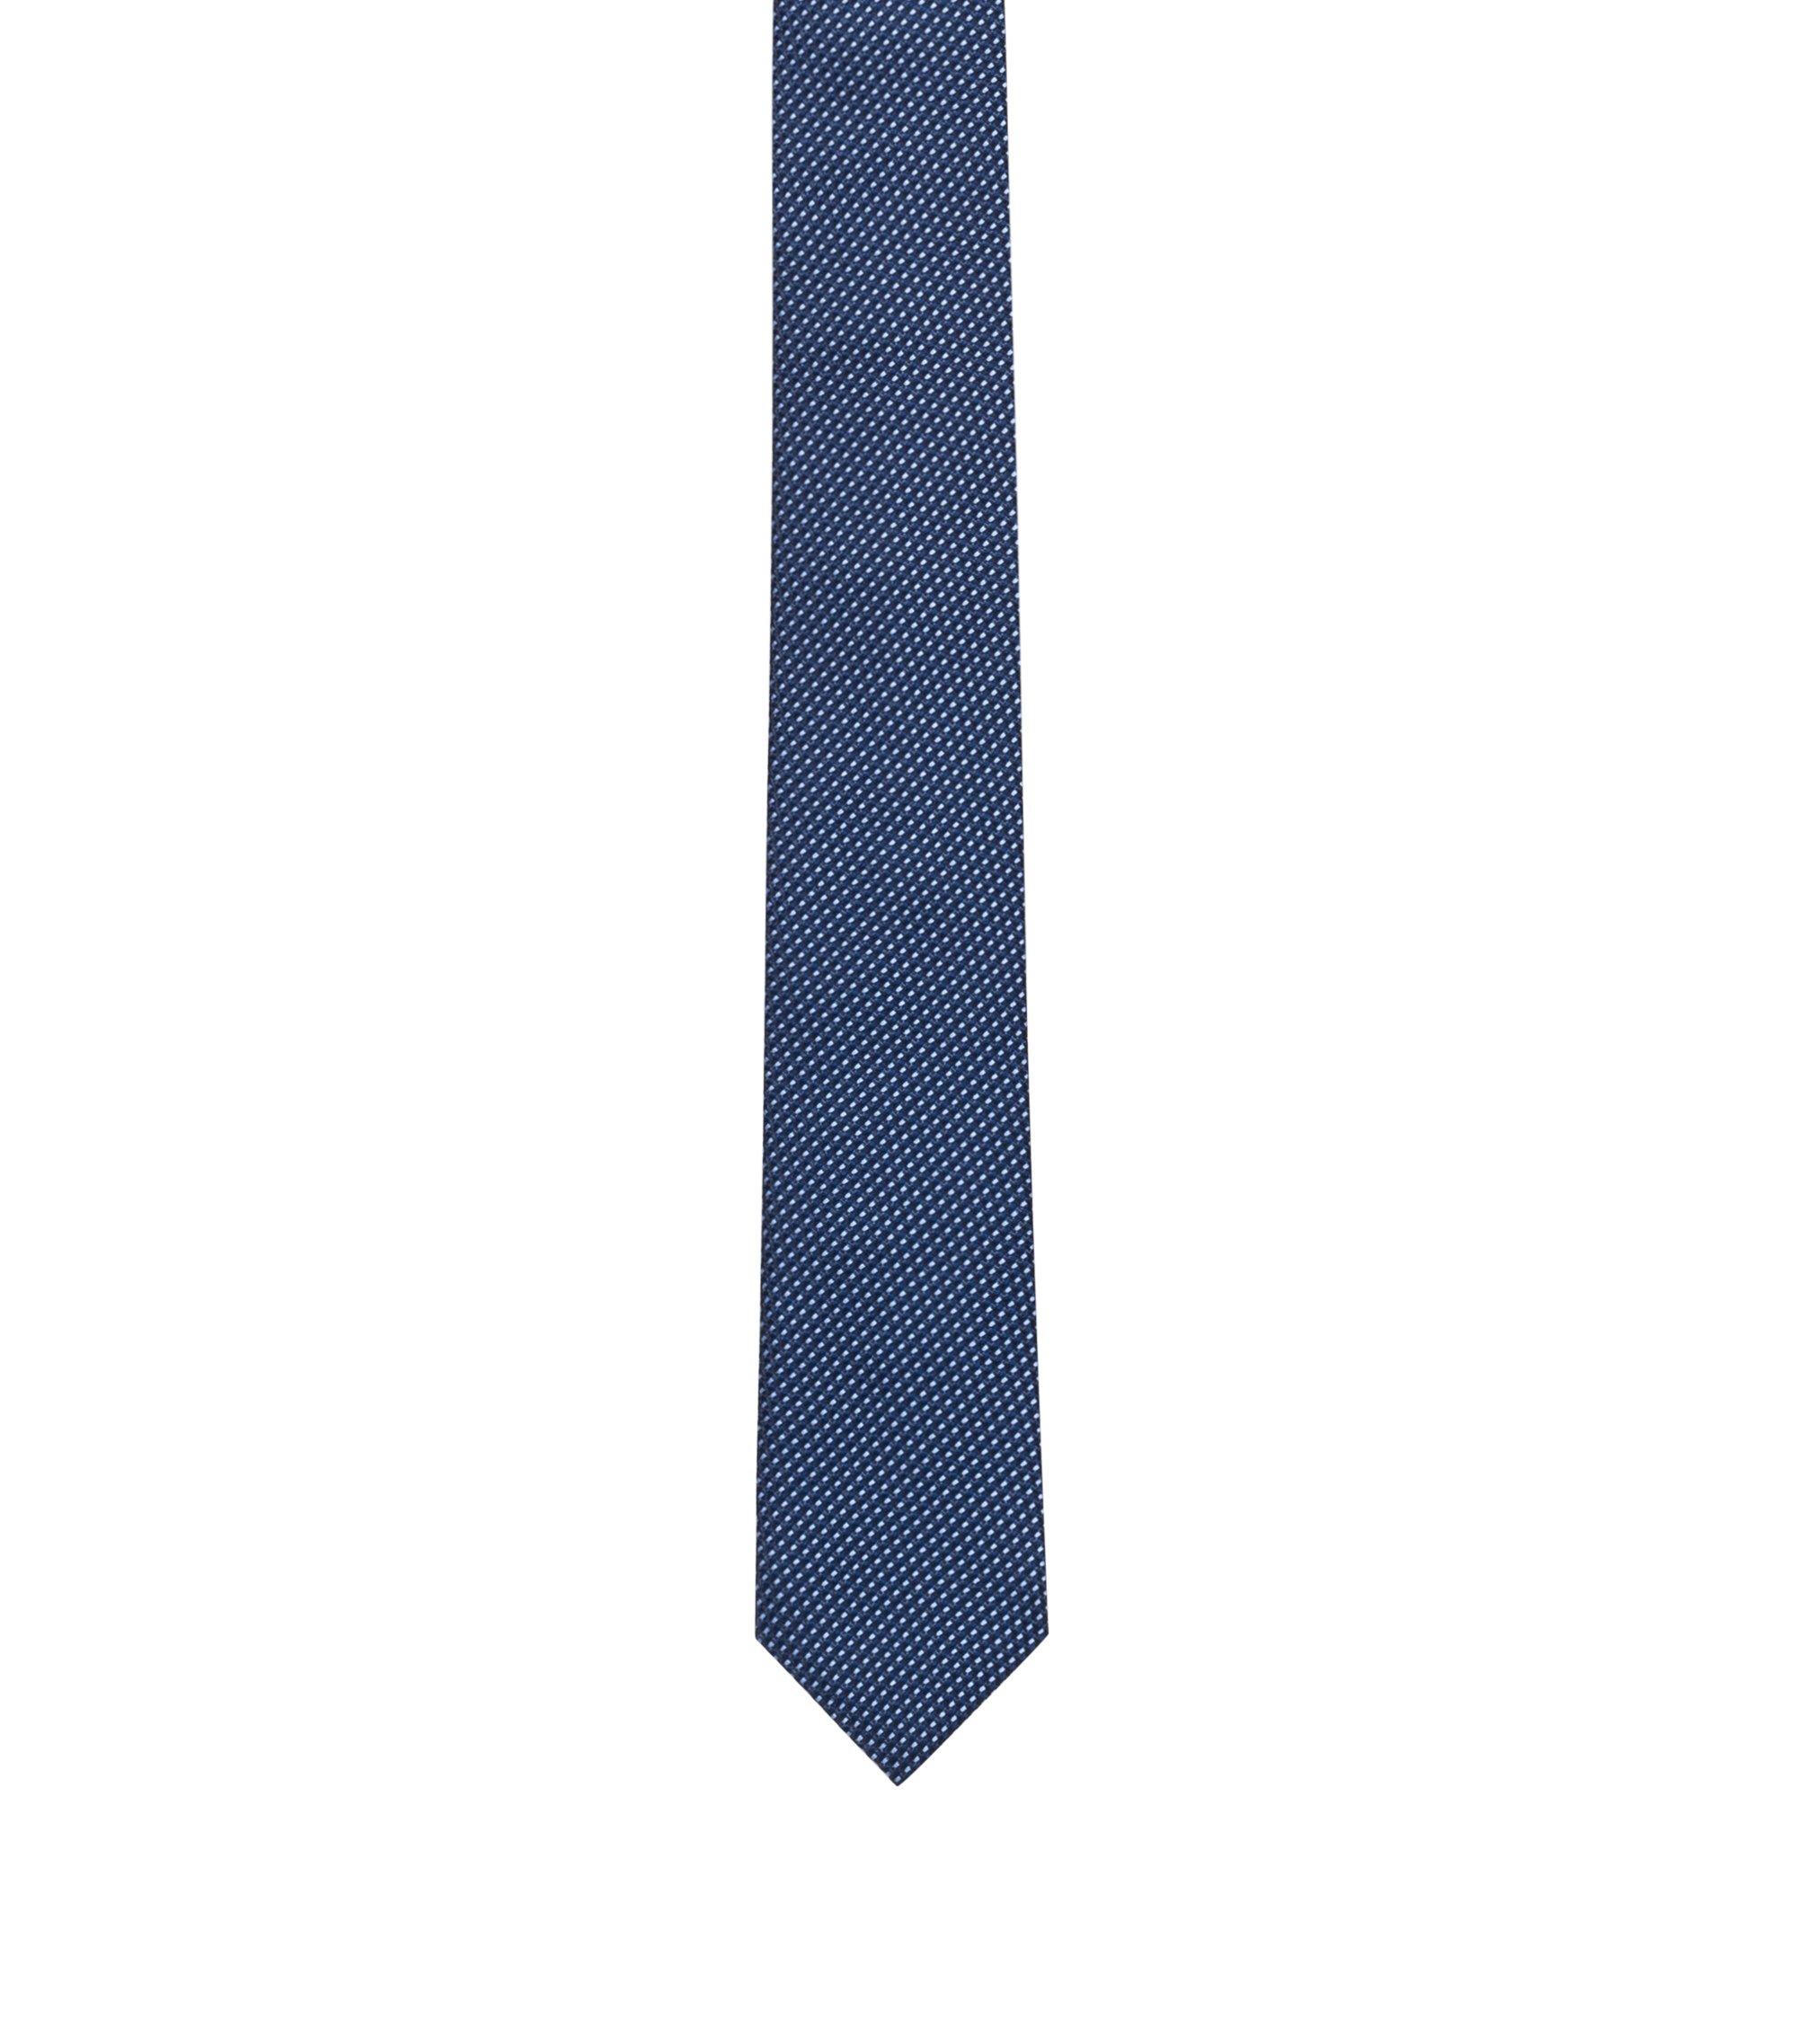 Cravate en jacquard de soie à micromotif, Bleu foncé